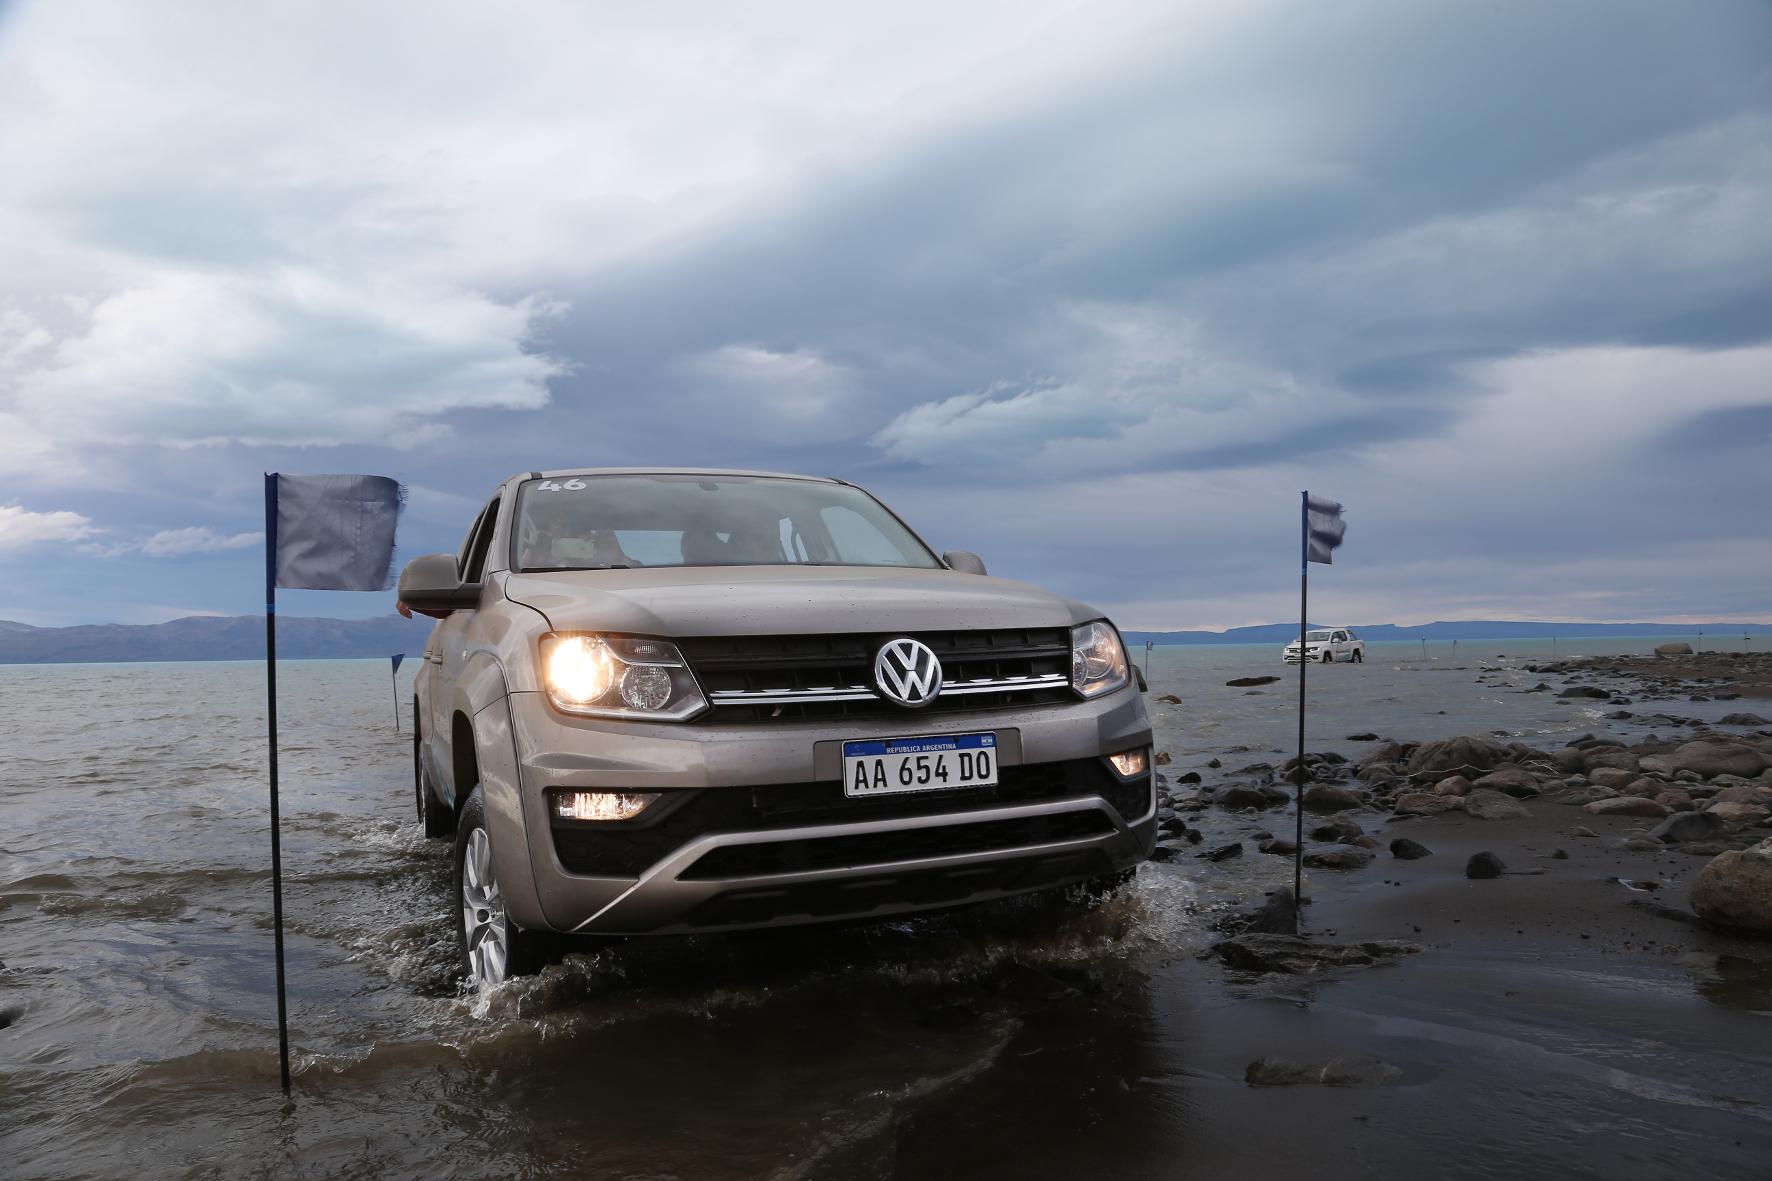 mid El Calafate - Gelandet: Der VW Amarok kommt jetzt mit neu gestalteter Frontpartie und einem kräftigen V6-Diesel auf den Markt.